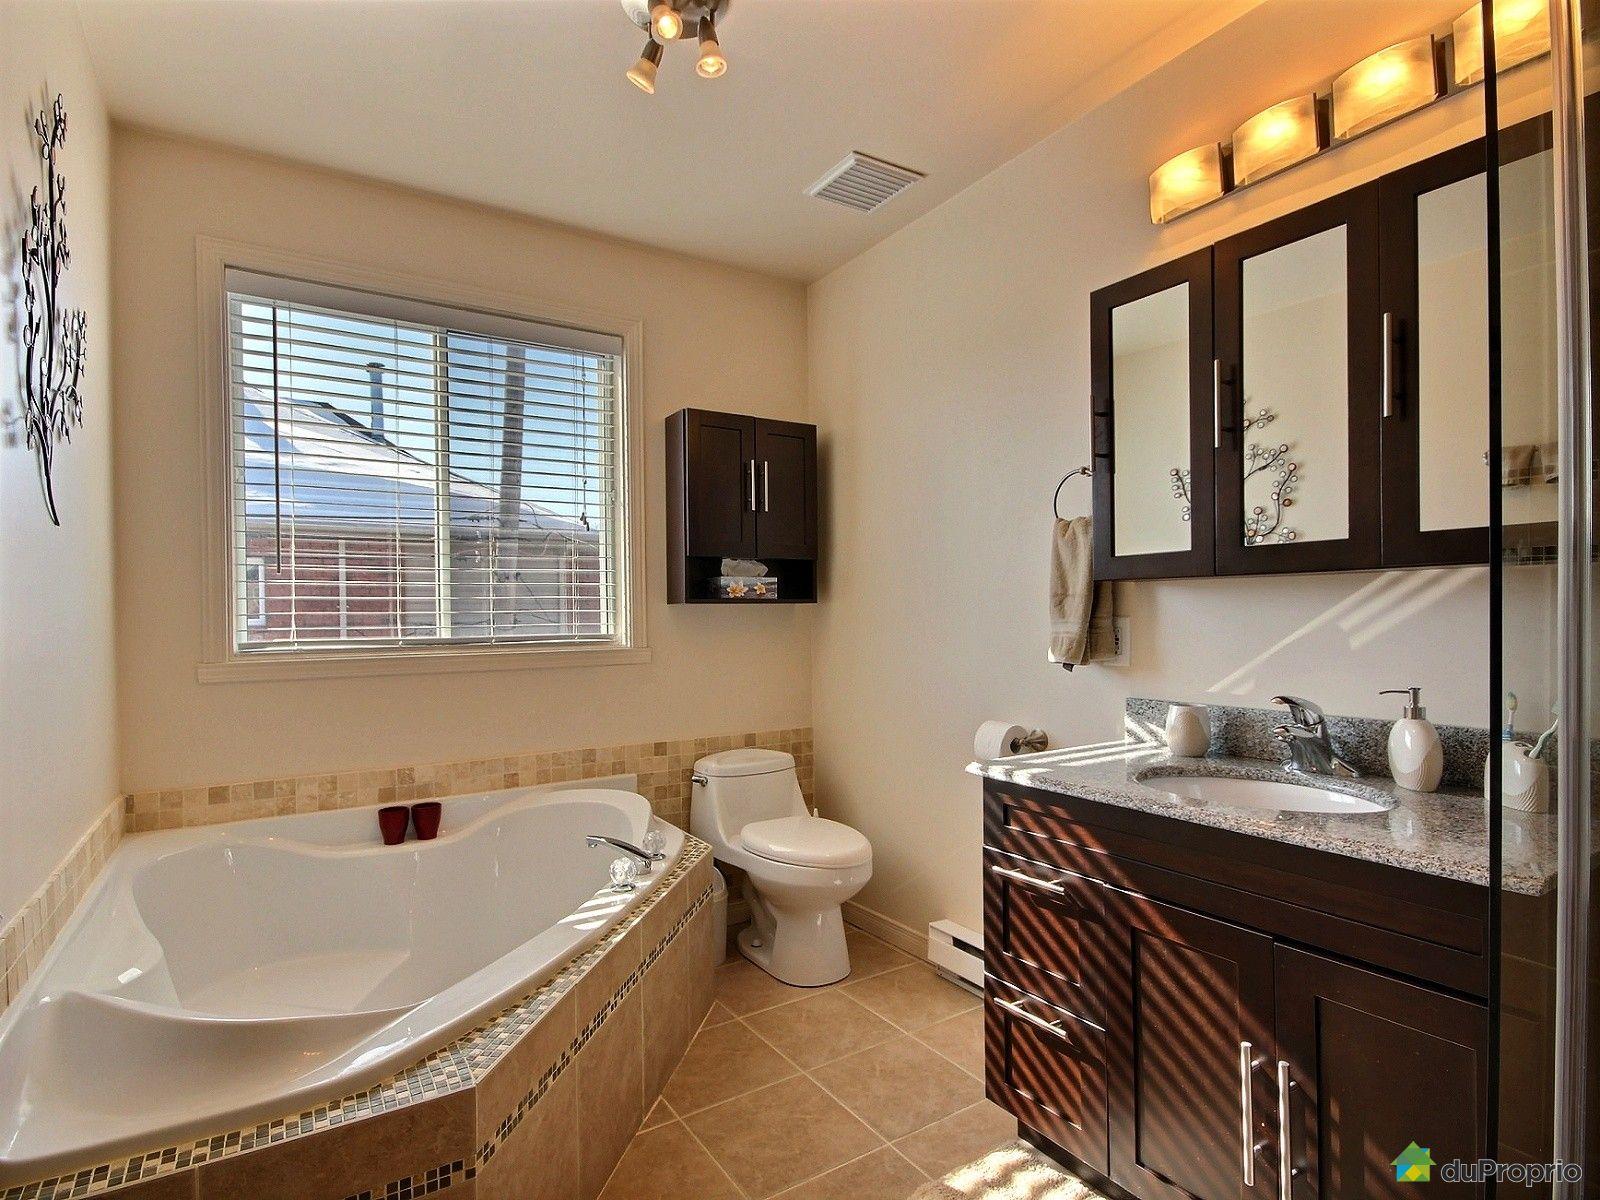 jumel vendu montr al immobilier qu bec duproprio 582245. Black Bedroom Furniture Sets. Home Design Ideas